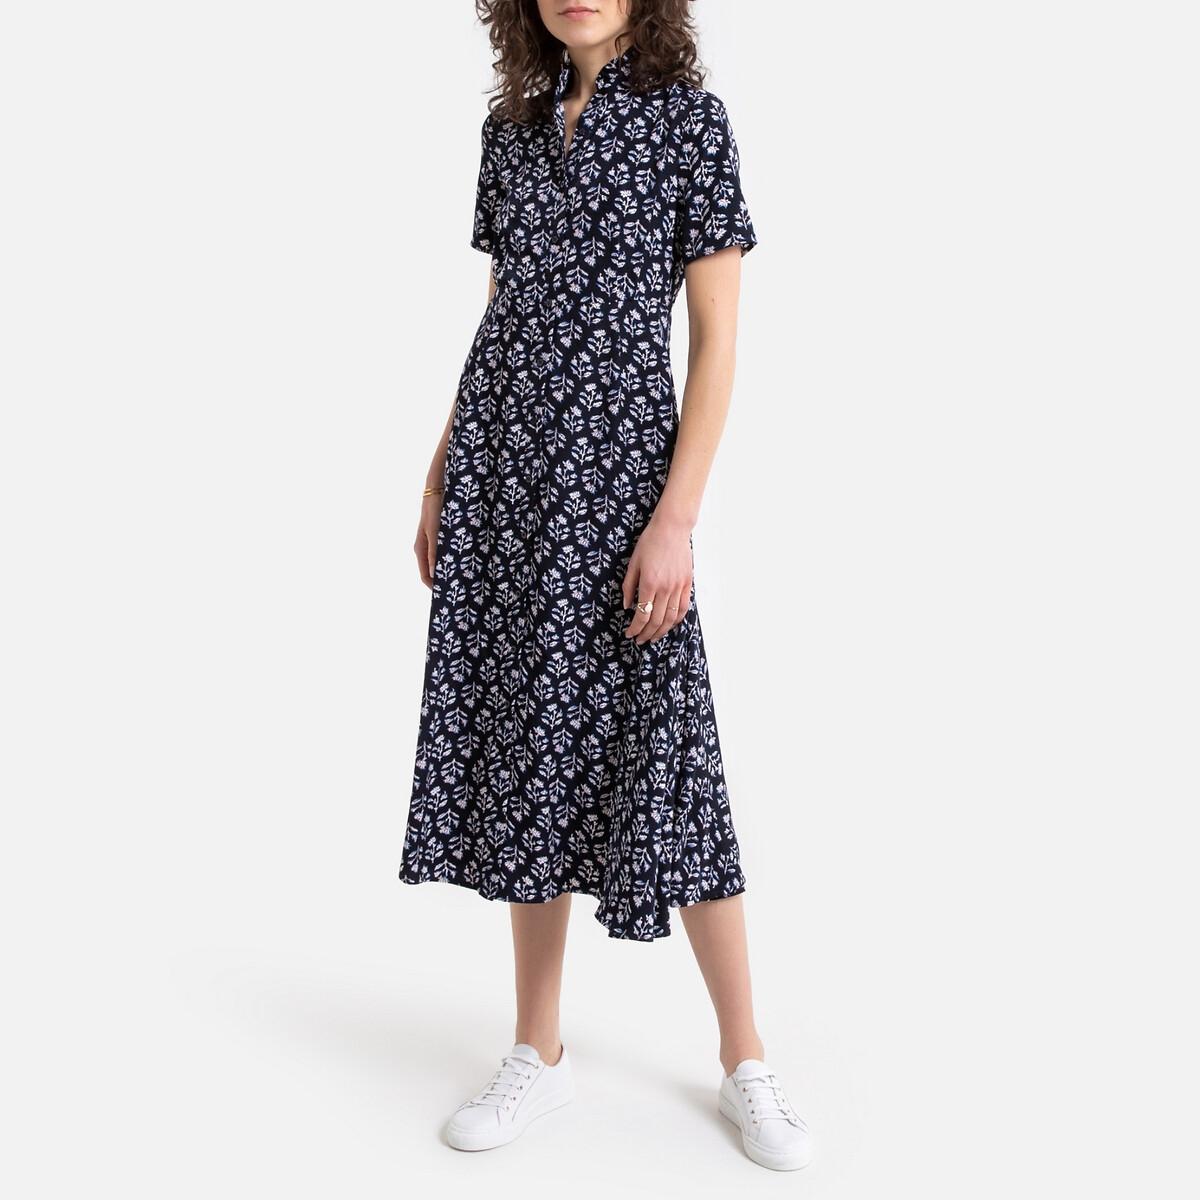 Платье La Redoute Длинное с цветочным принтом тунисский вырез 0(XS) синий